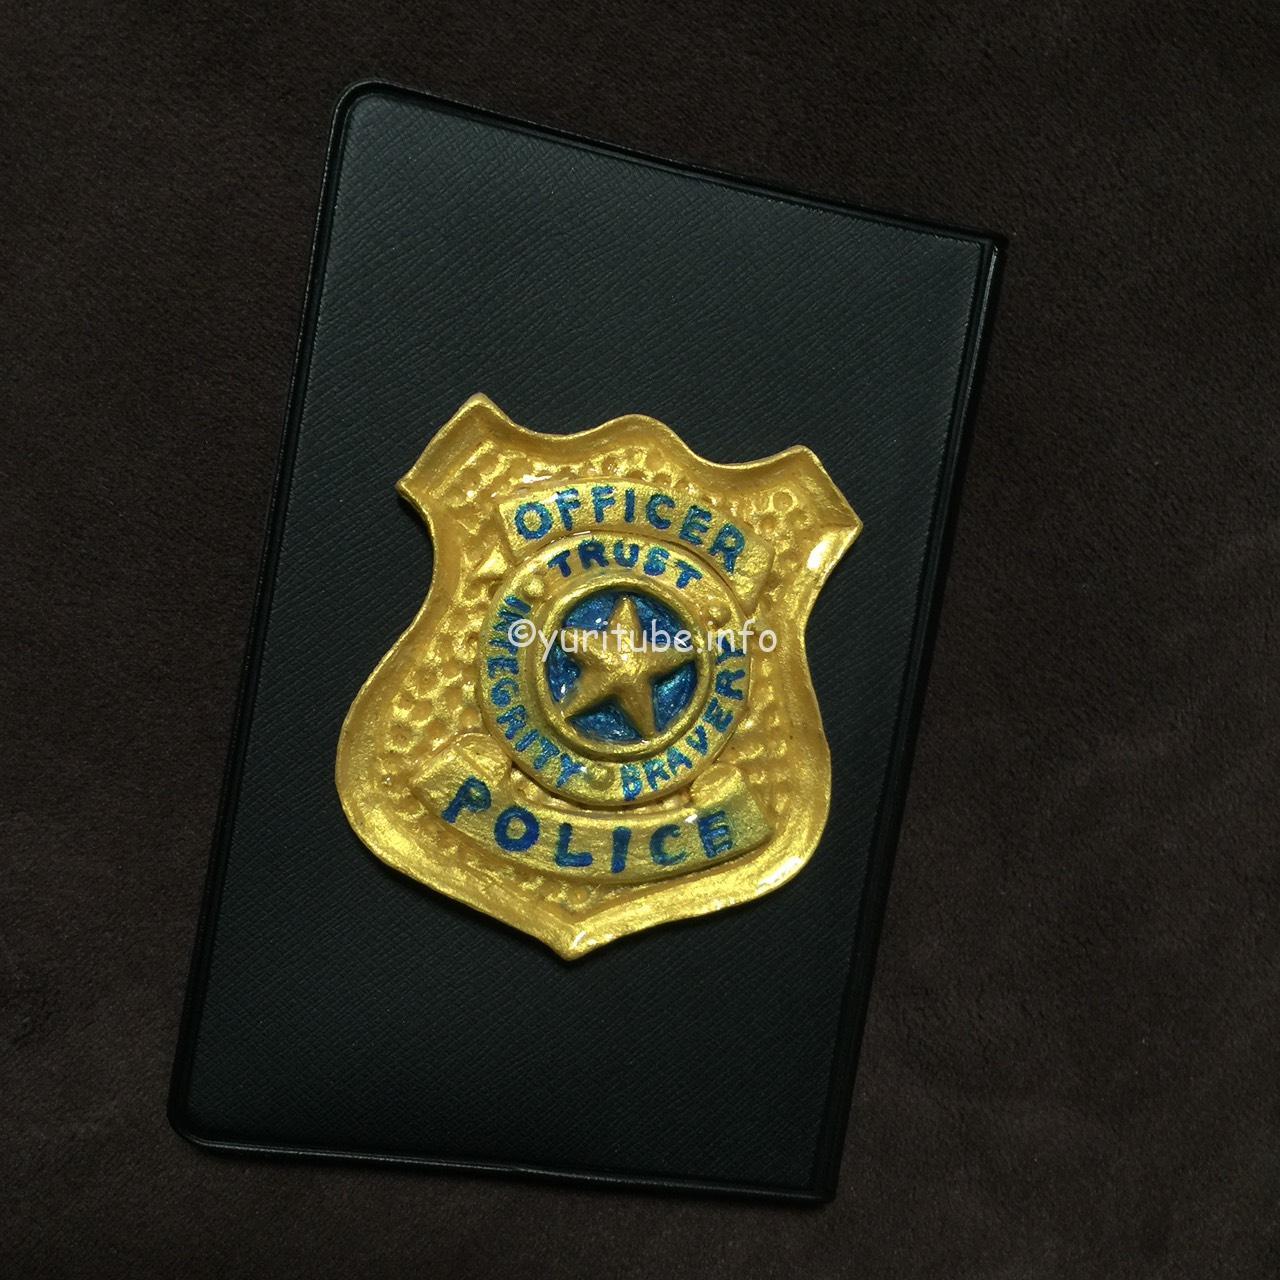 ズートピアのジュディが持ってる警察手帳の作り方19